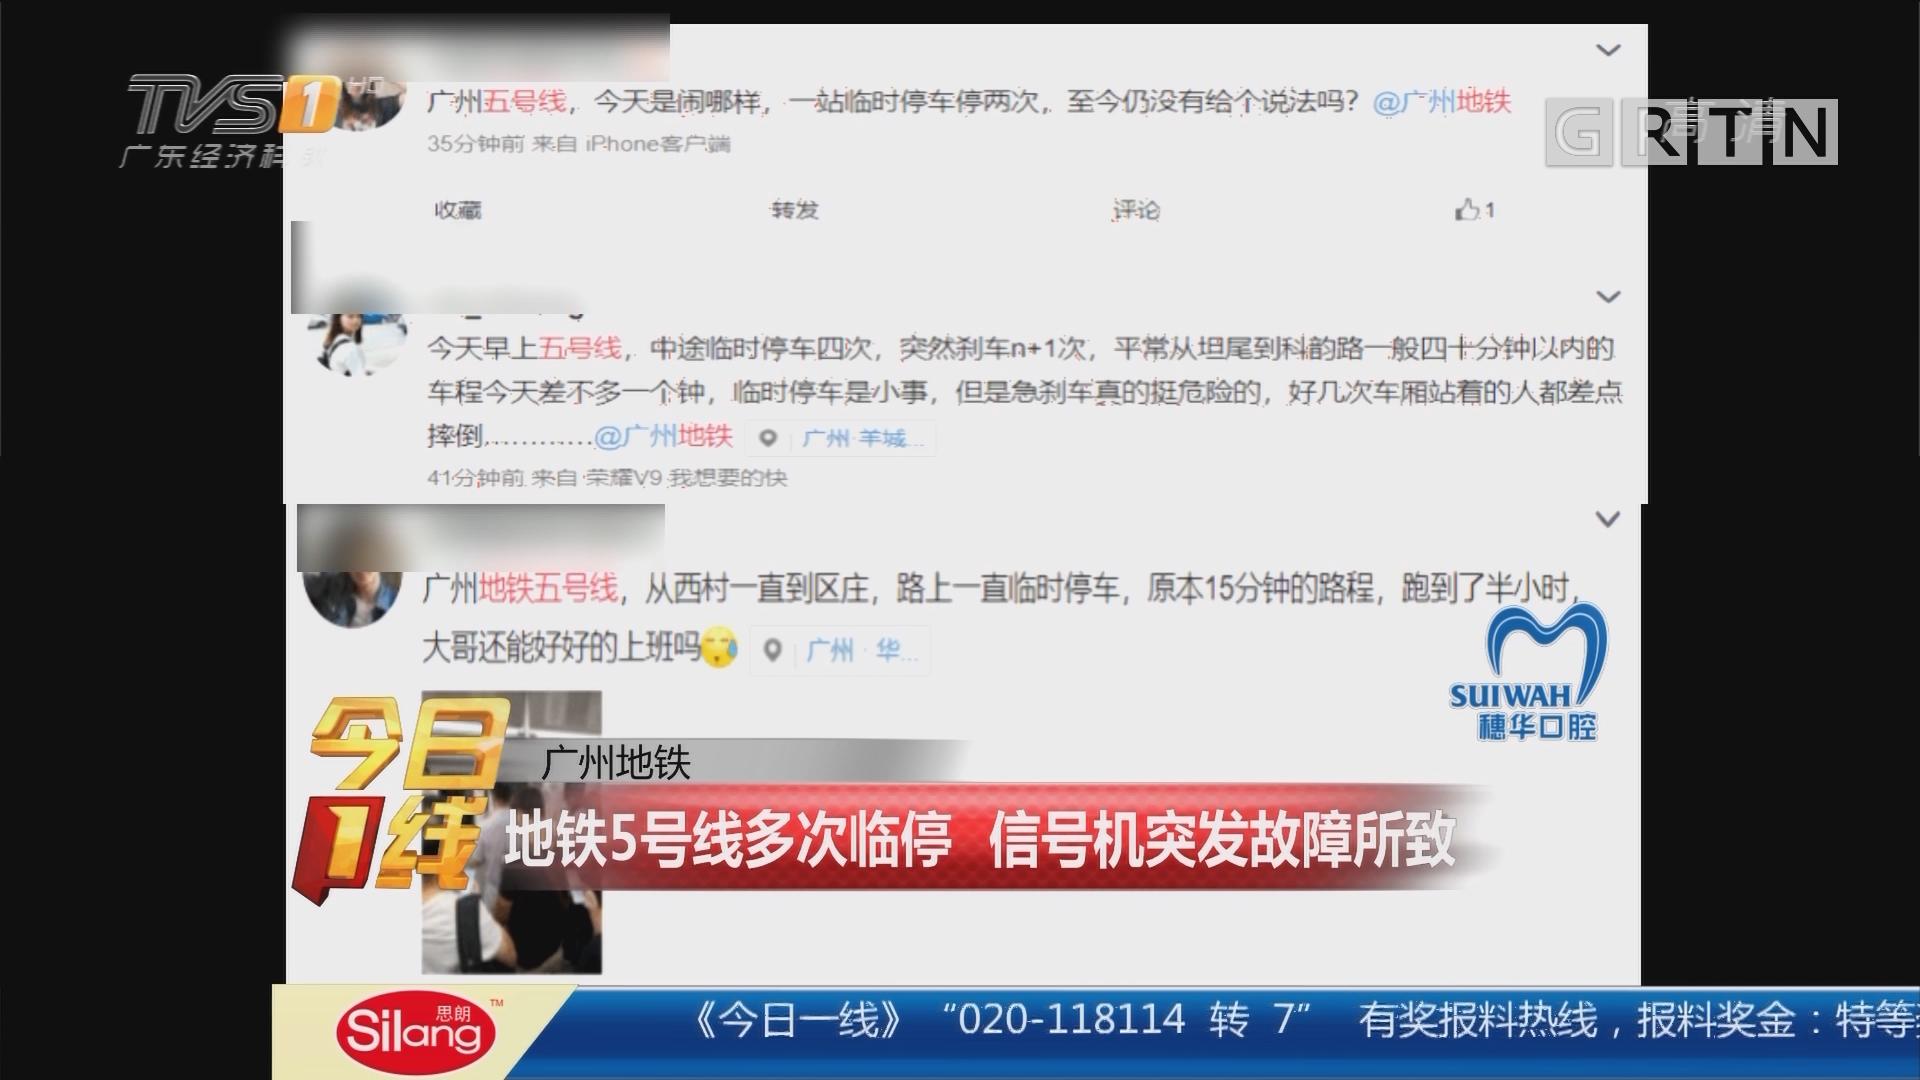 广州地铁:地铁5号线多次临停 信号机突发故障所致